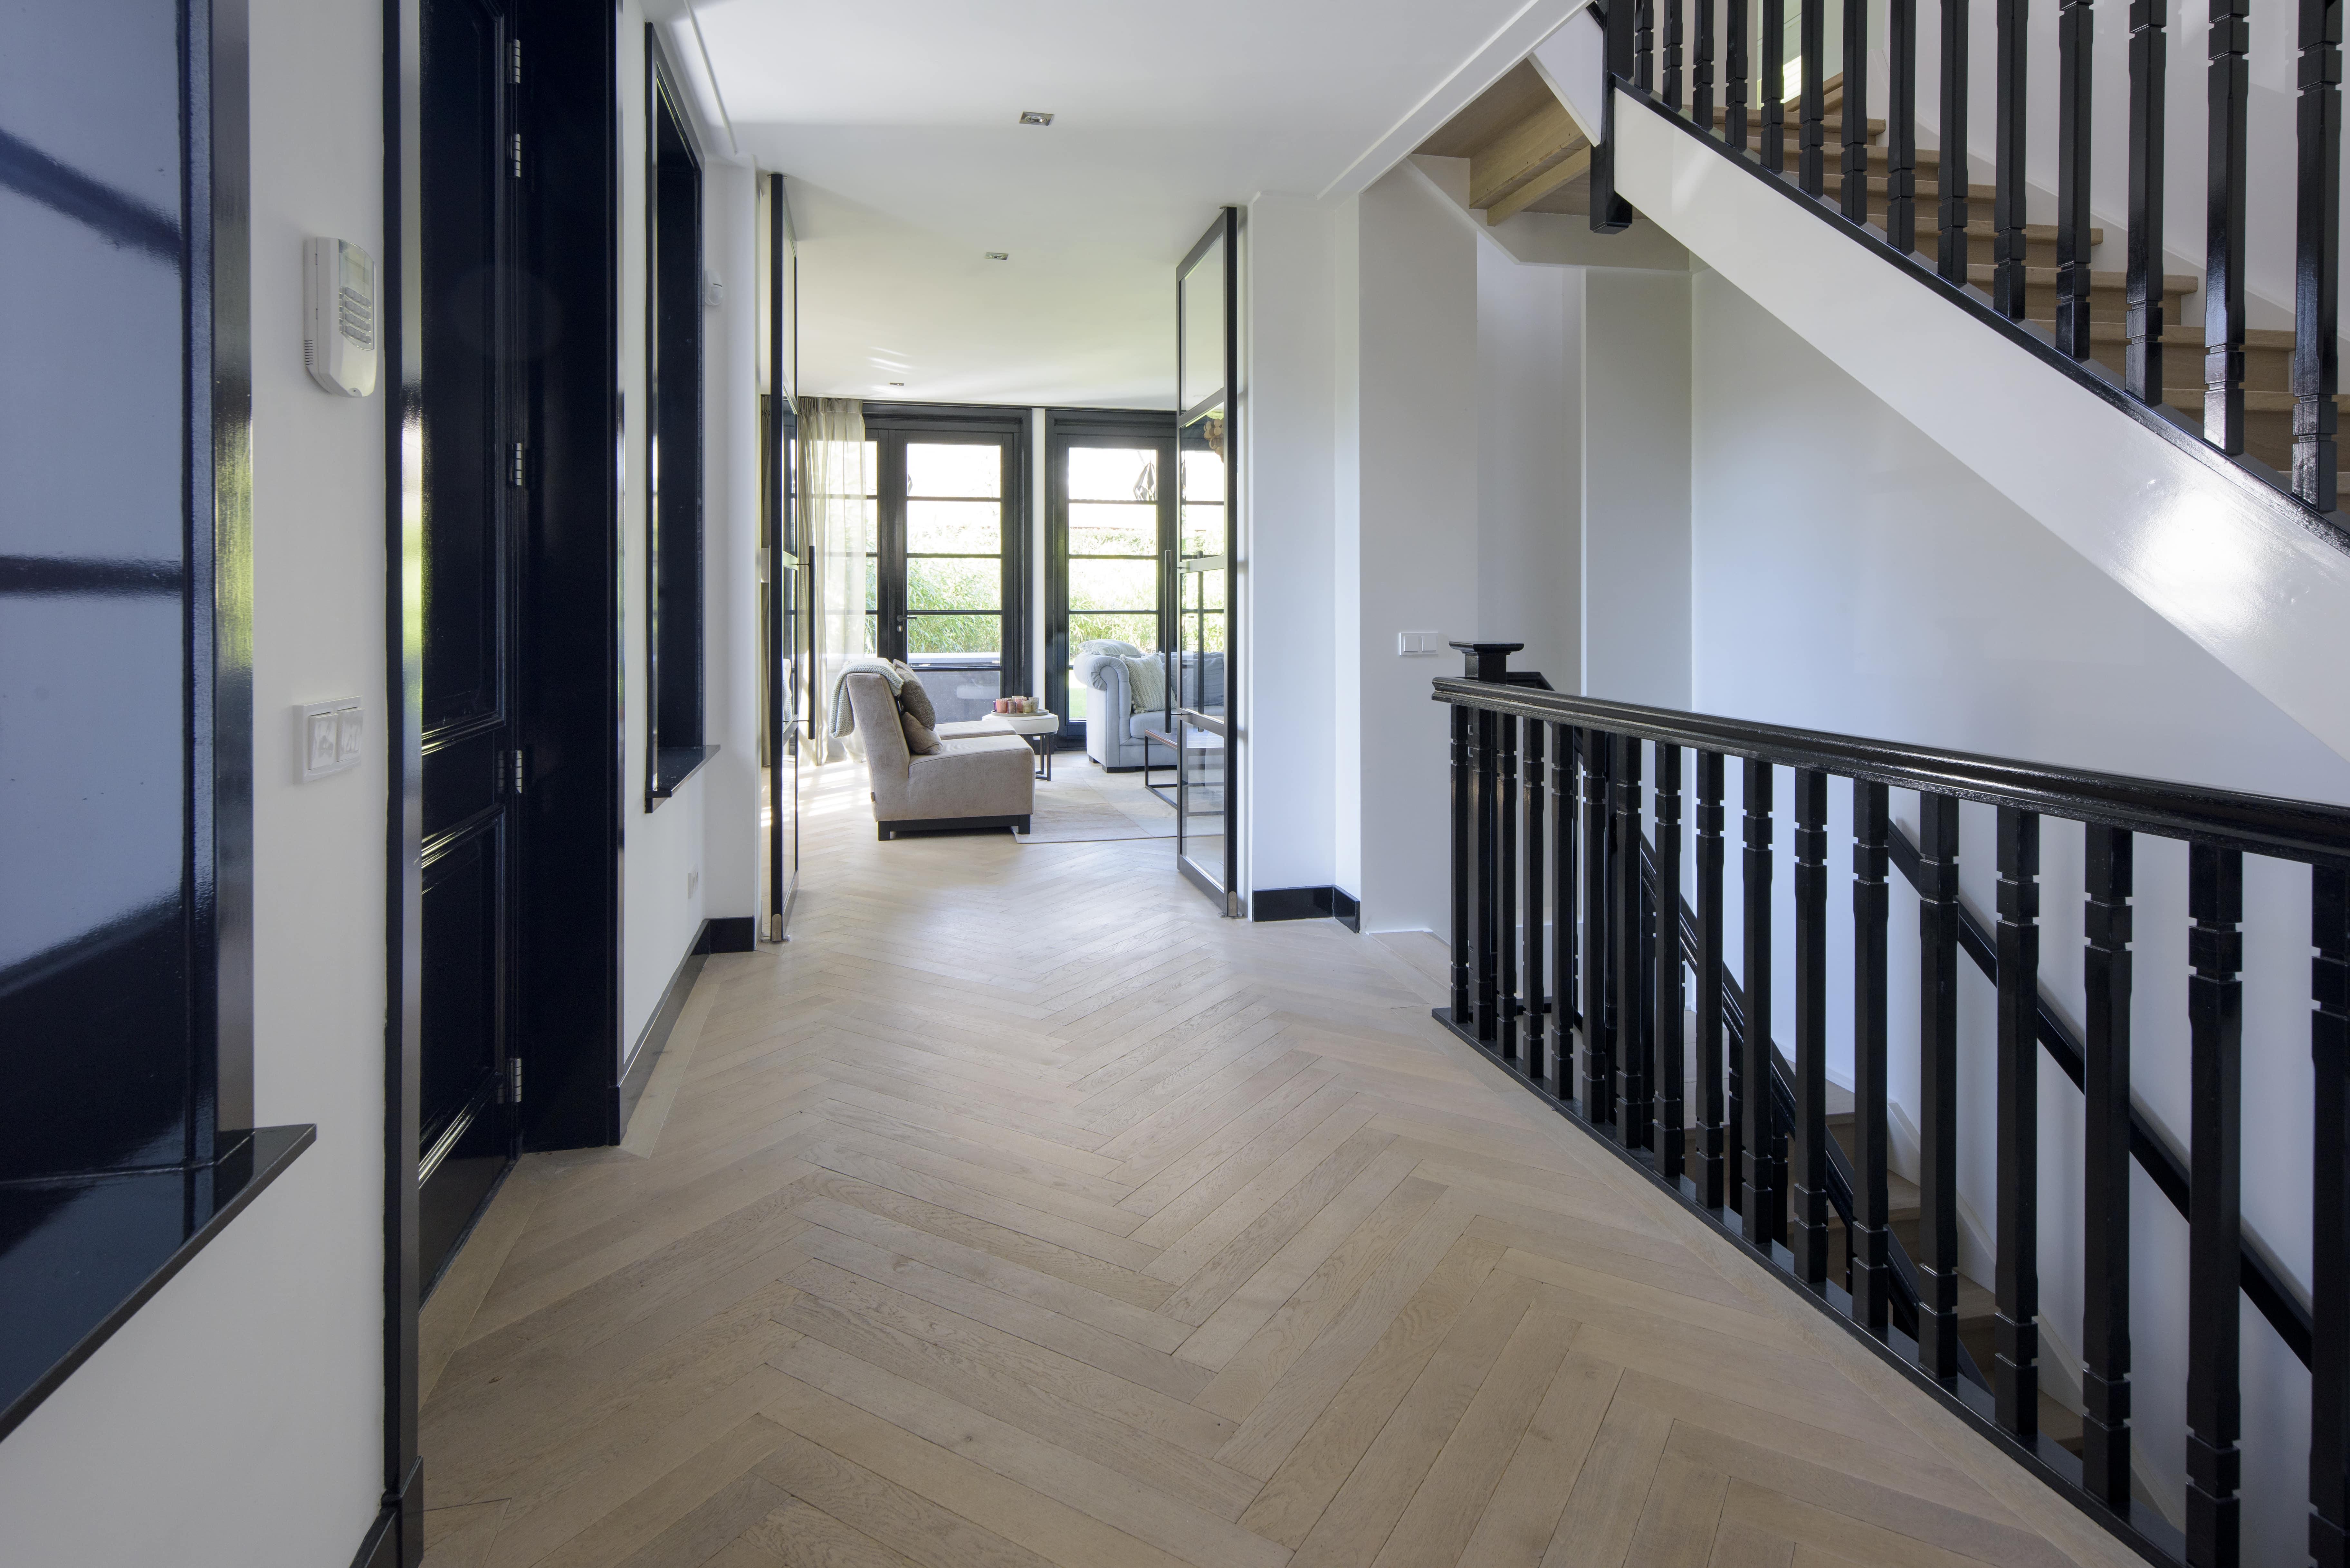 Visgraat parket vloer, houten vloeren